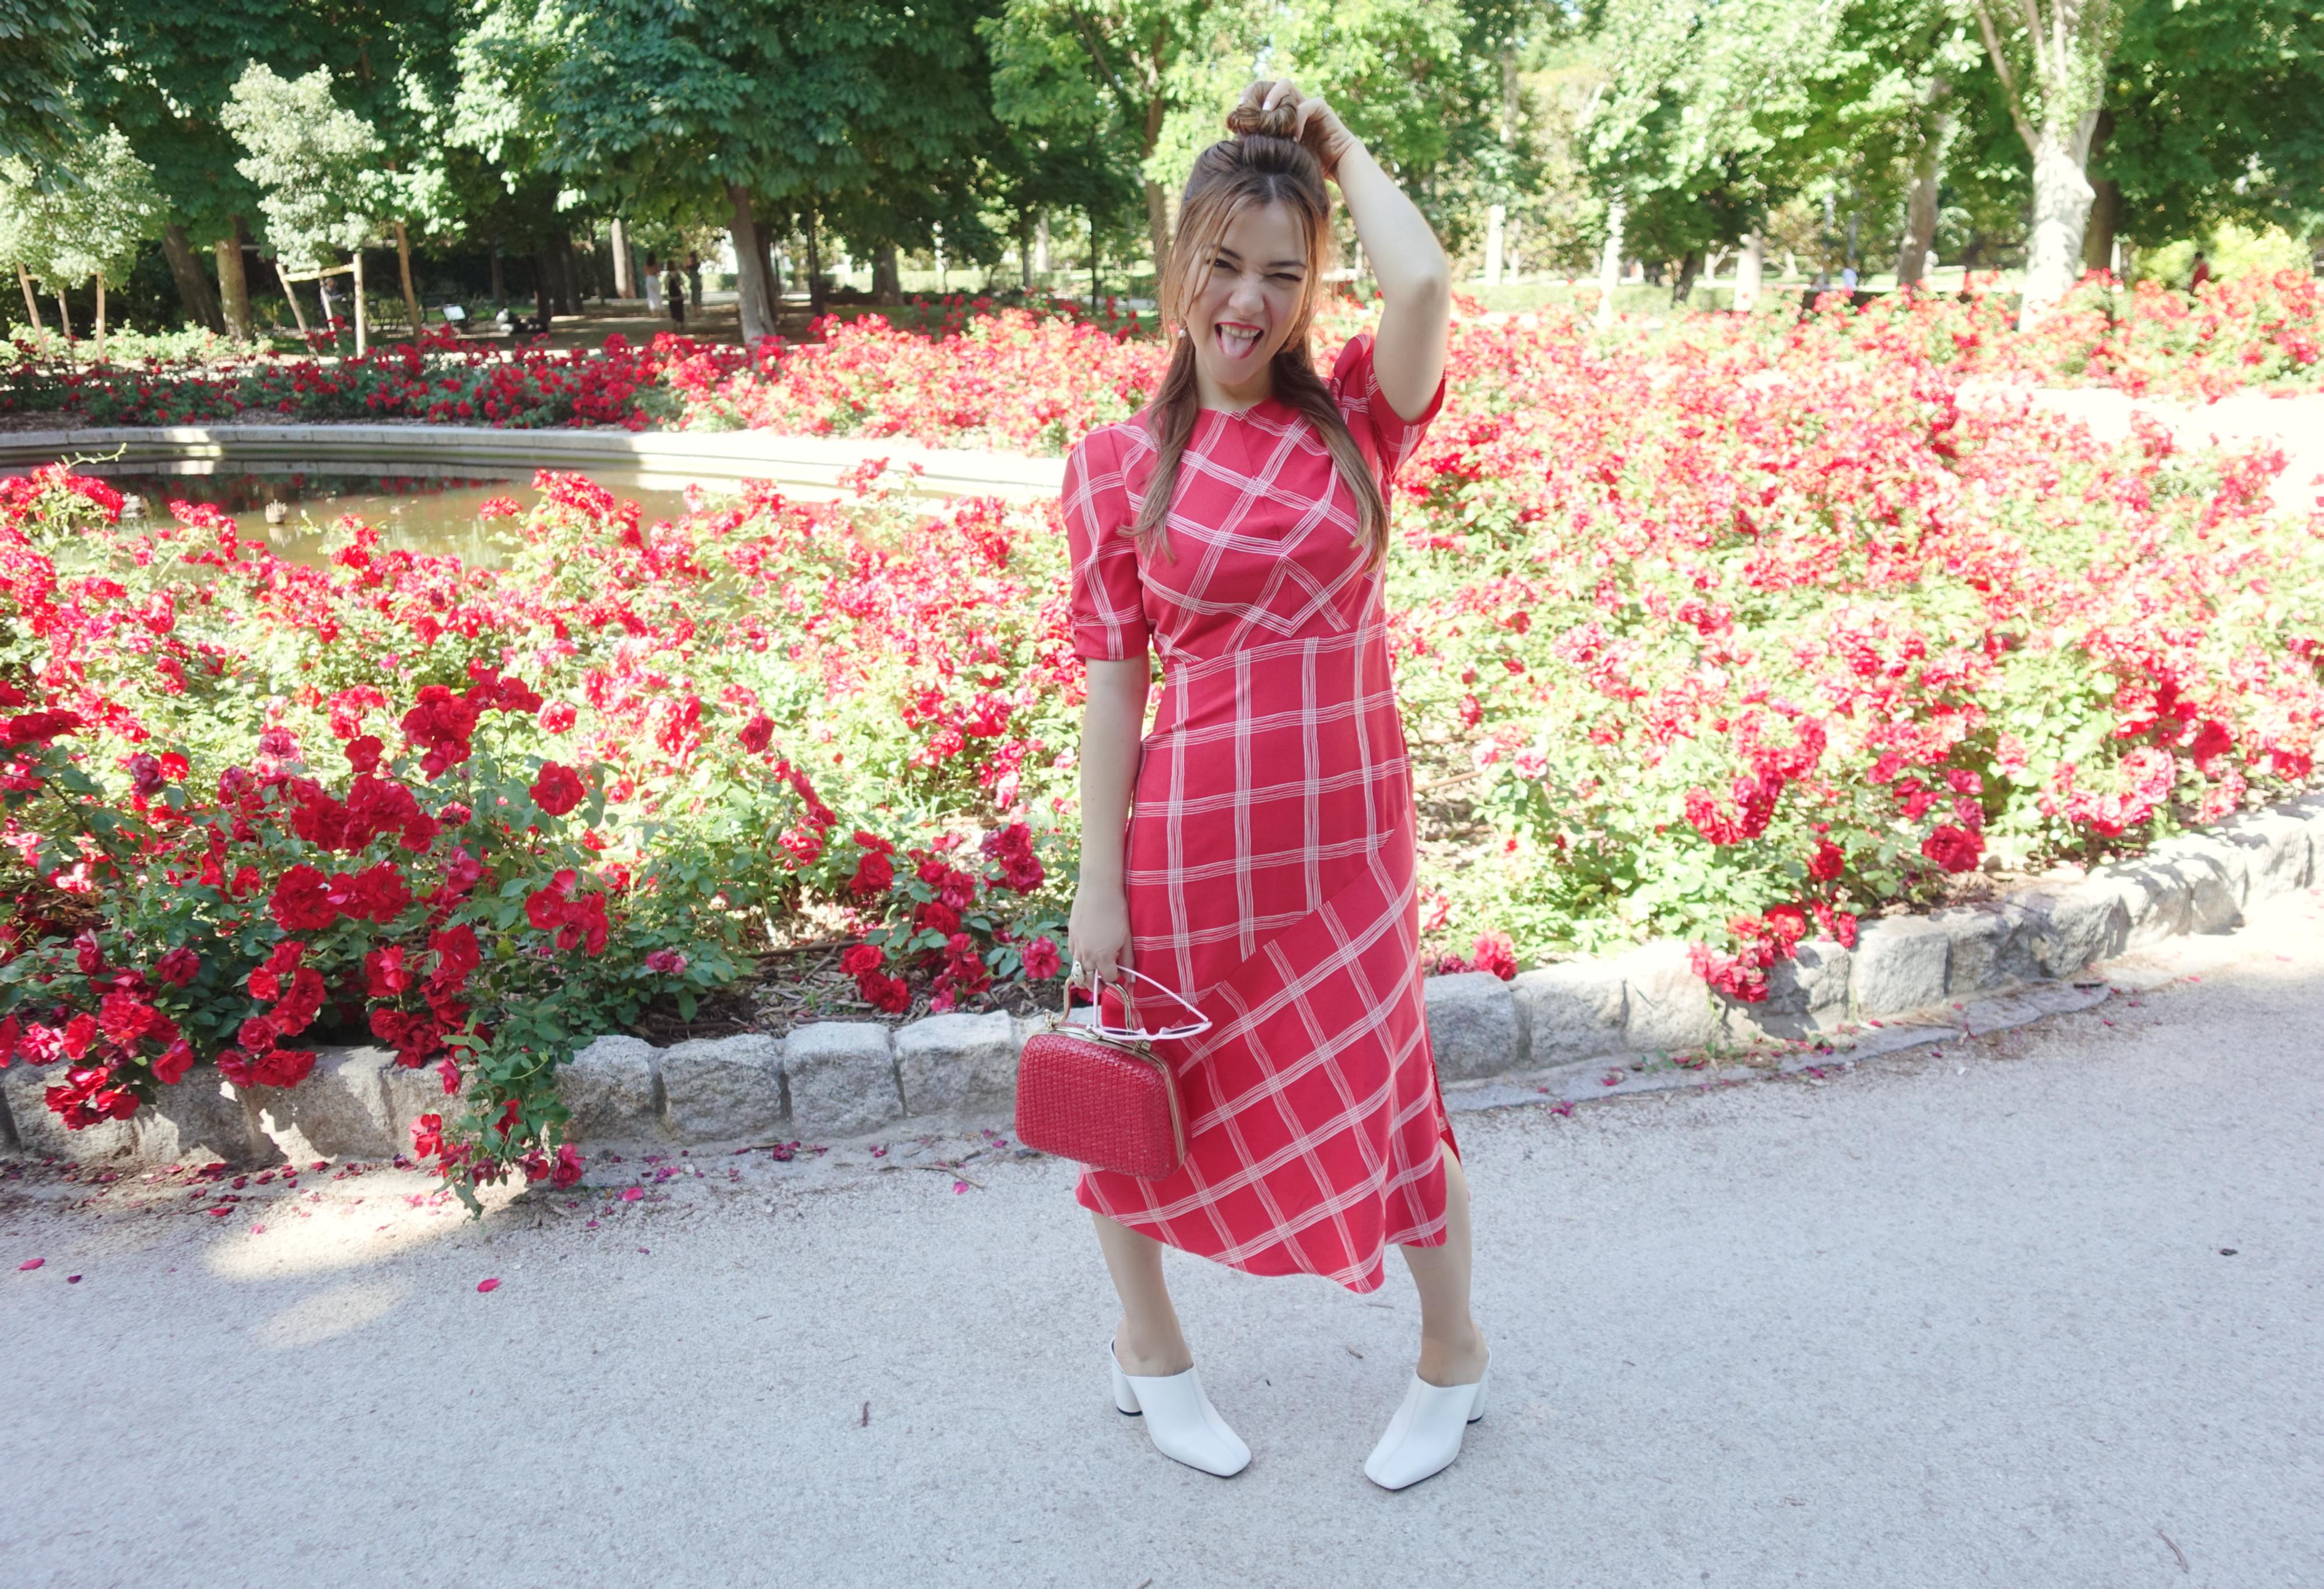 Amazon-moda-ChicAdicta-influencer-fashionista-Chic-Adicta-vestidos-retro-PiensaenChic-zapatos-blancos-Piensa-en-Chic